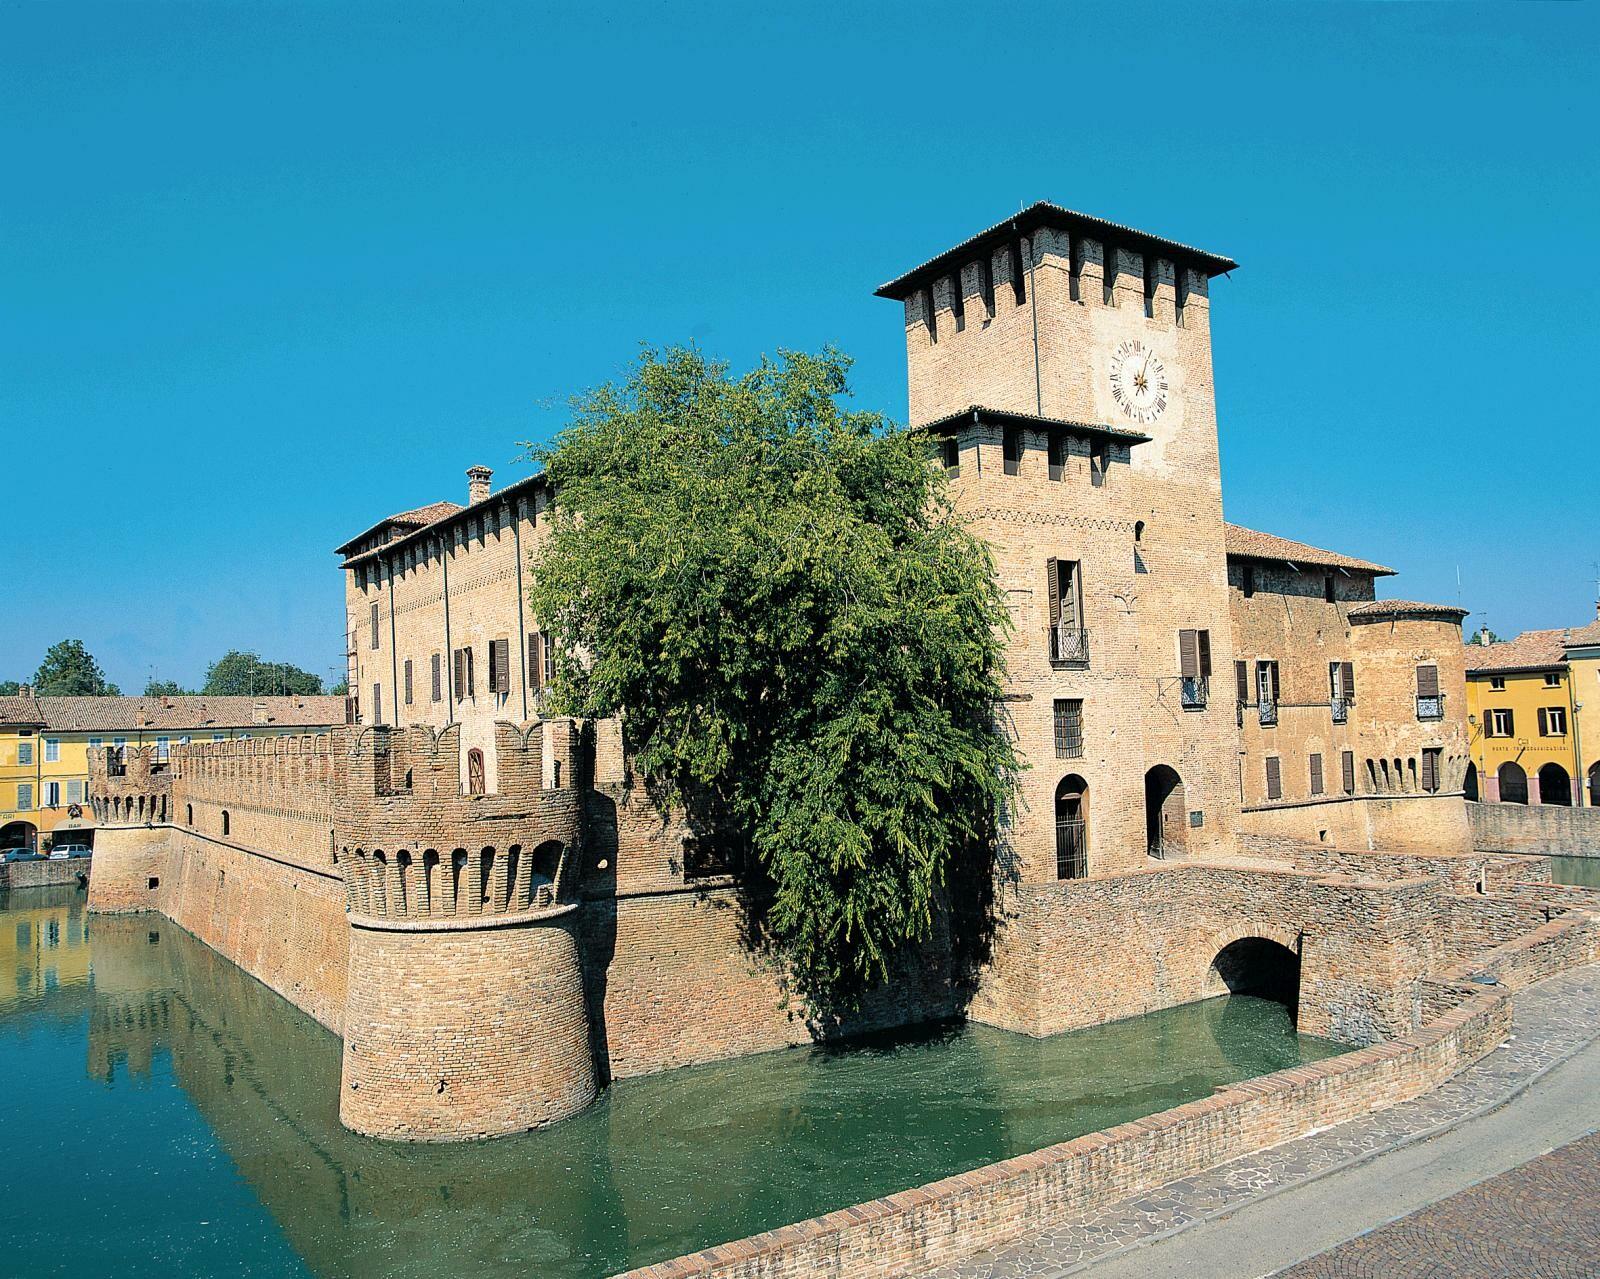 Quando visitare la Rocca Sanvitale di Fontanellato nel mese di agosto?